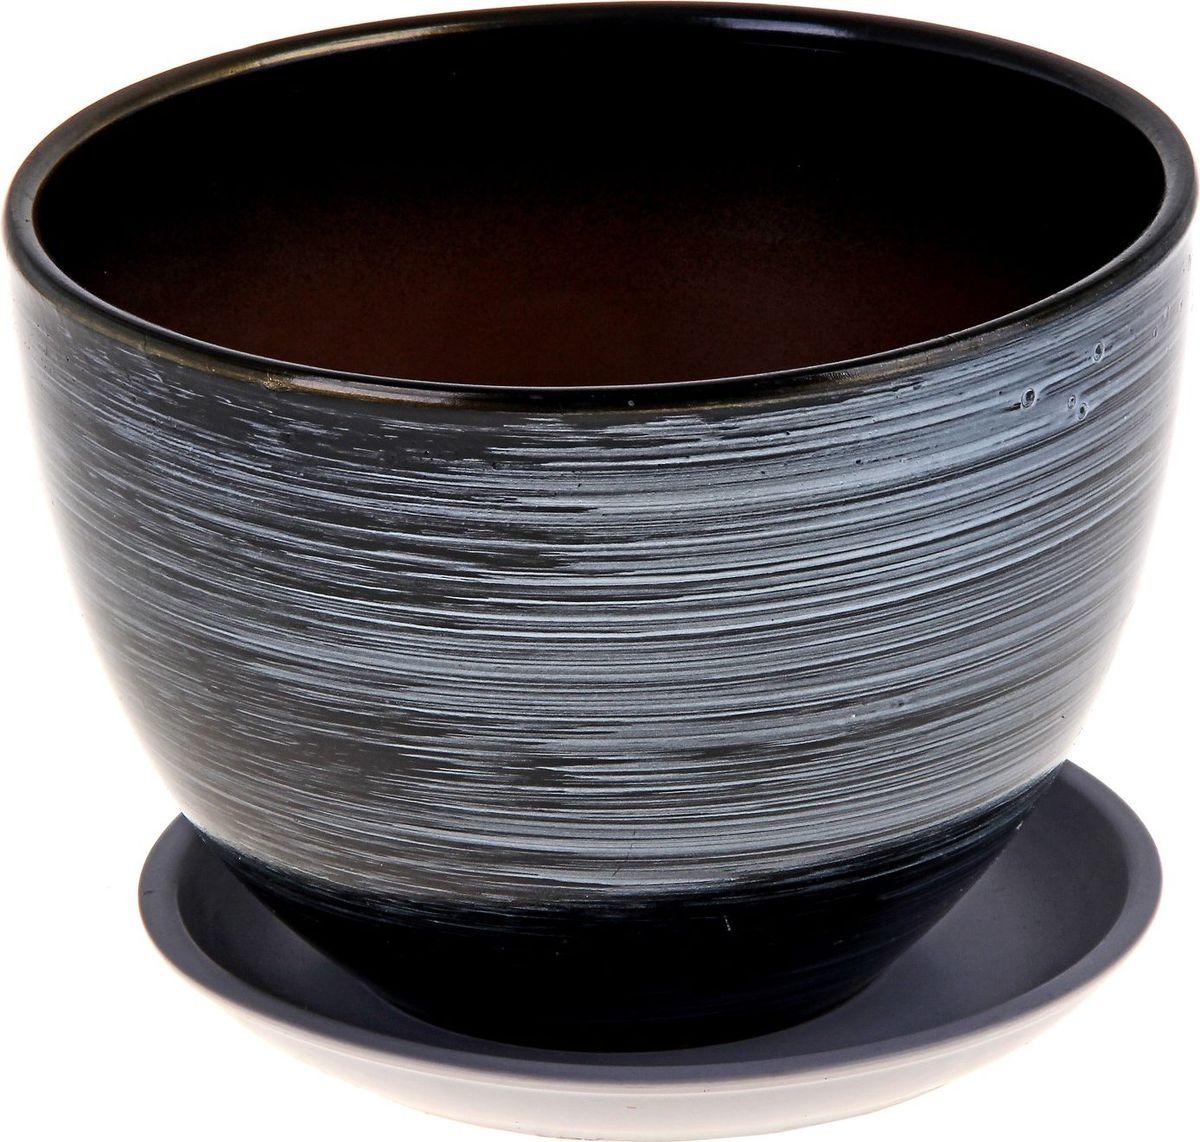 """Декоративное кашпо """"Металлик"""", выполненное из высококачественной керамики, предназначено для посадки декоративных растений и станет прекрасным украшением для дома. Благодаря своему дизайну впишется в любой интерьер помещения."""